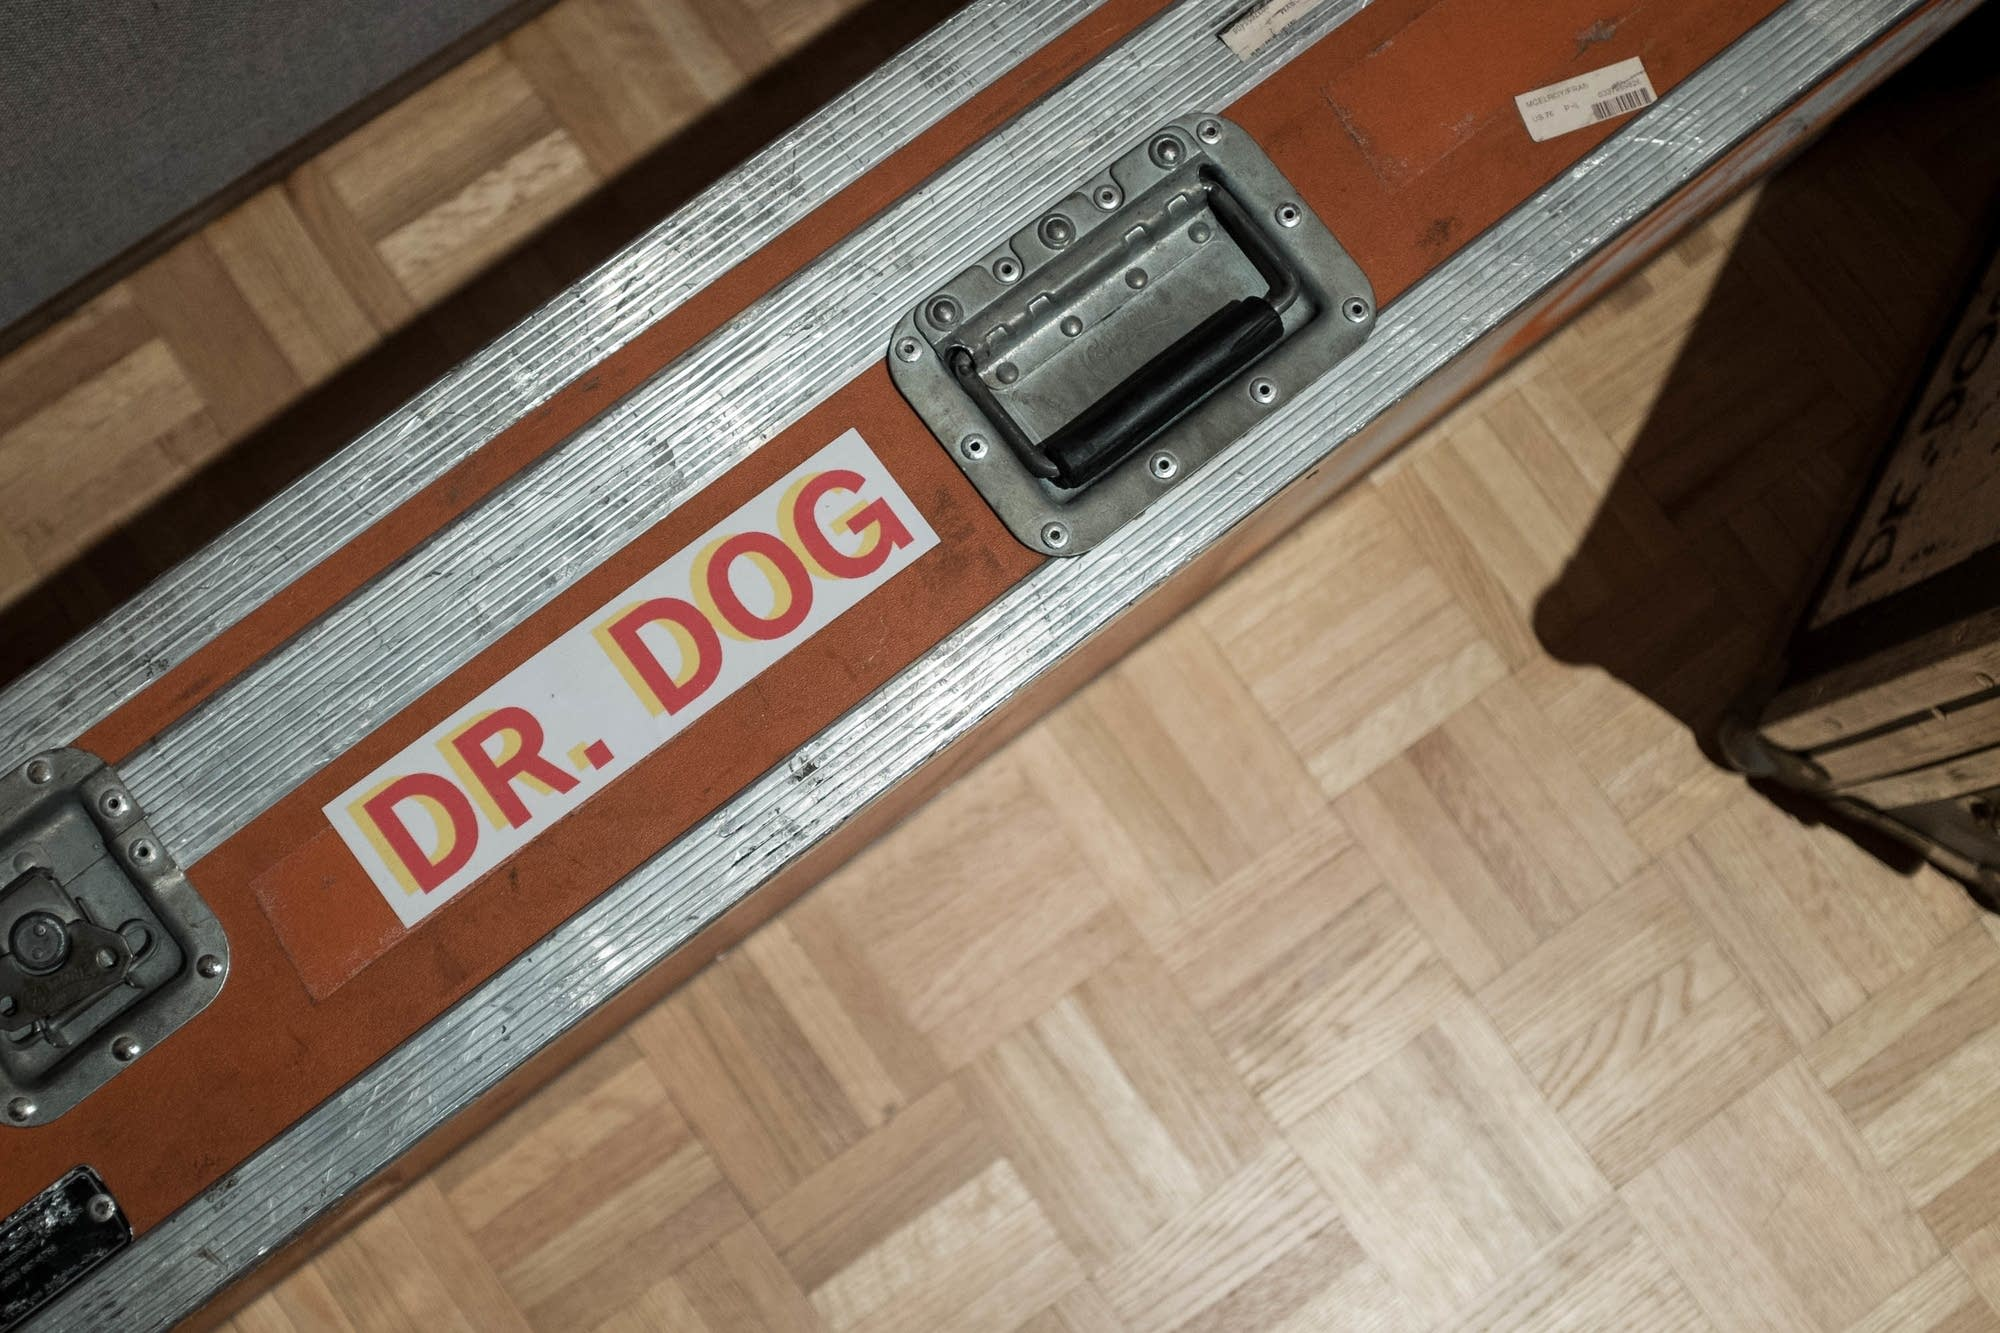 dr dog instrument case